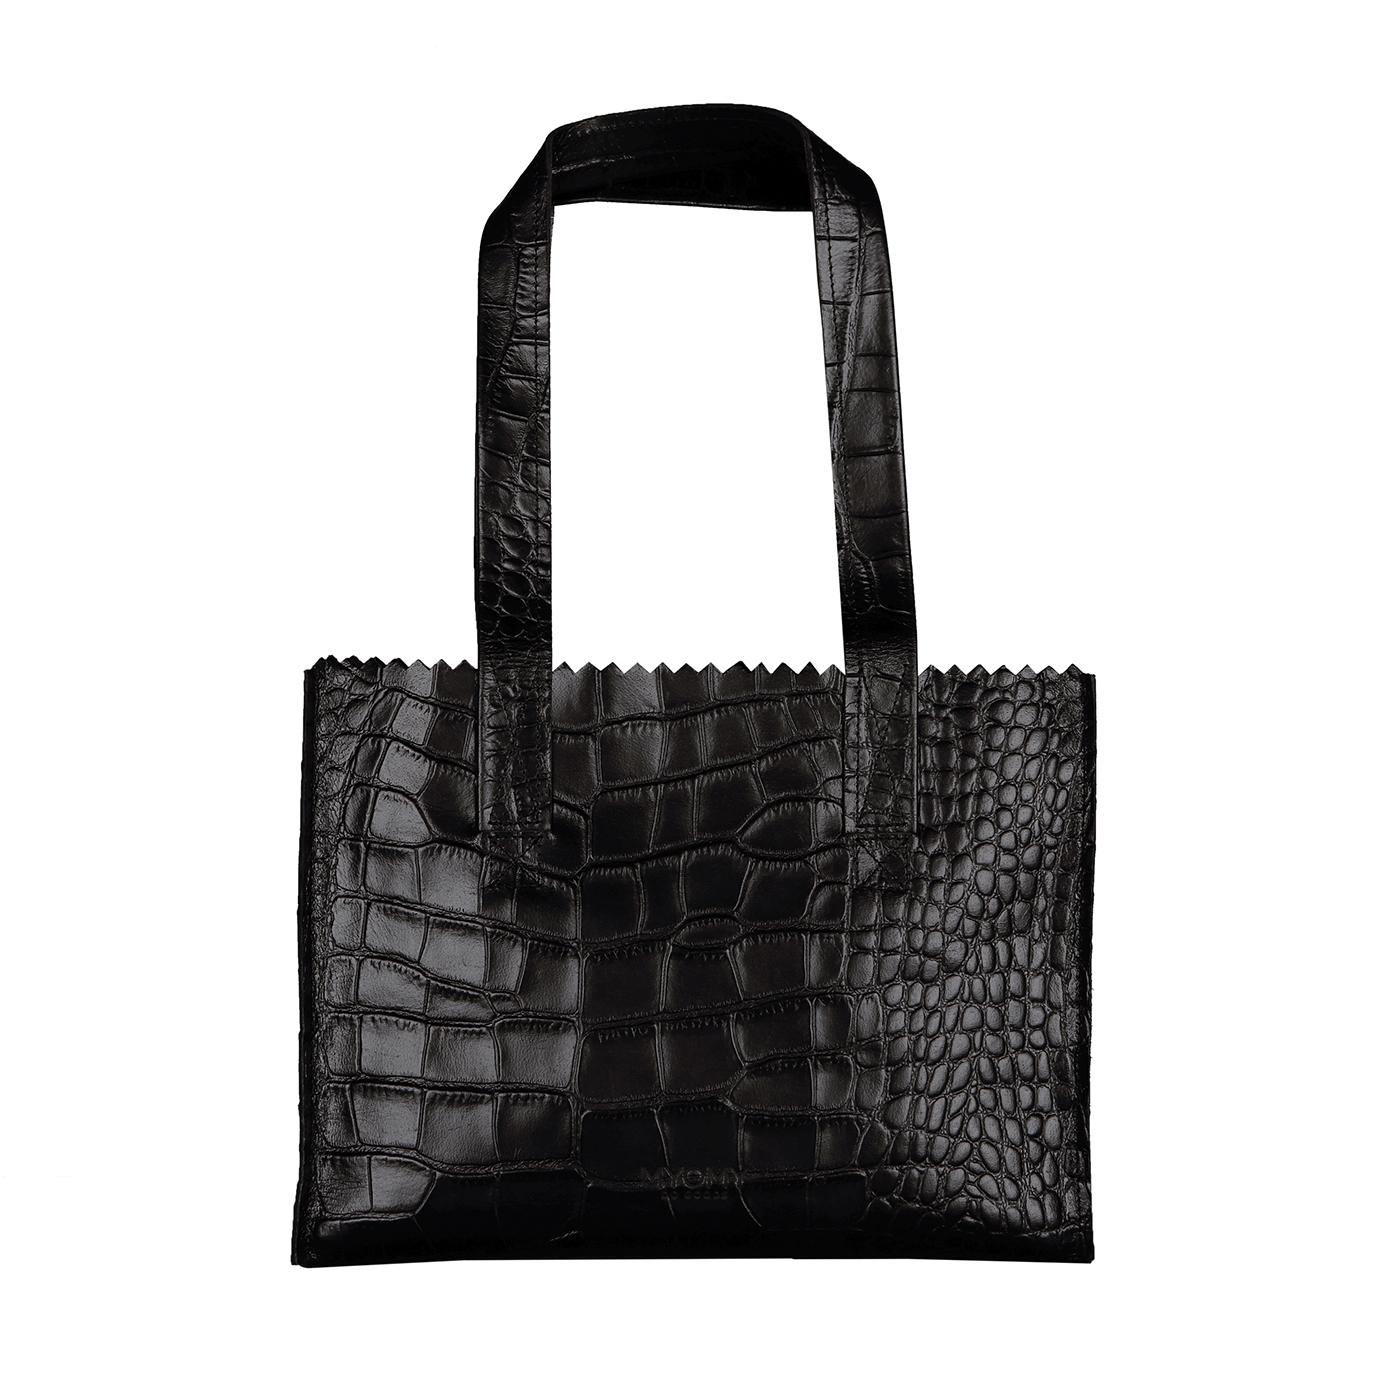 MY PAPER BAG Handbag - croco black